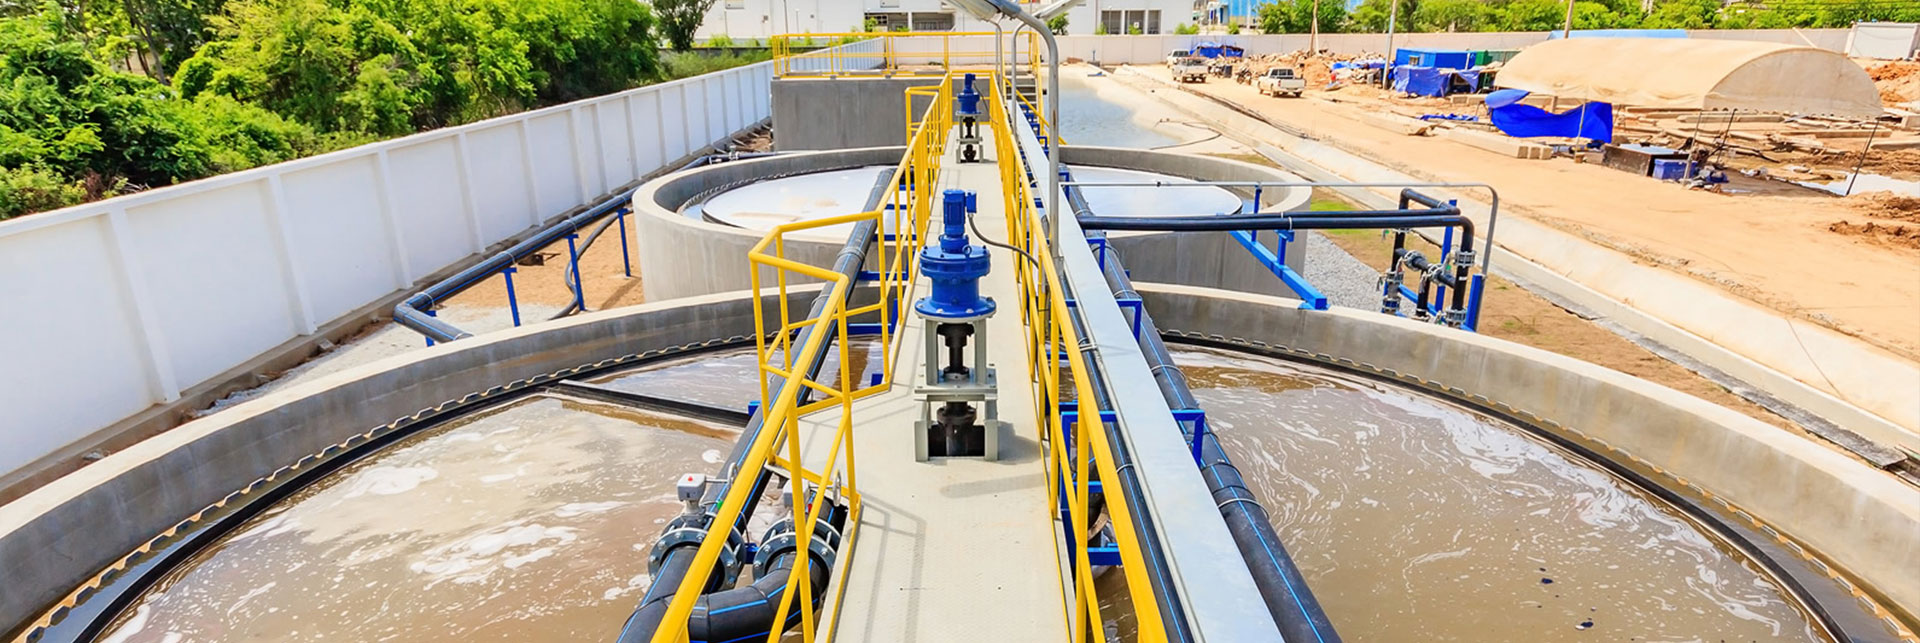 Cung cấp vận chuyển bùn vi sinh chất lượng